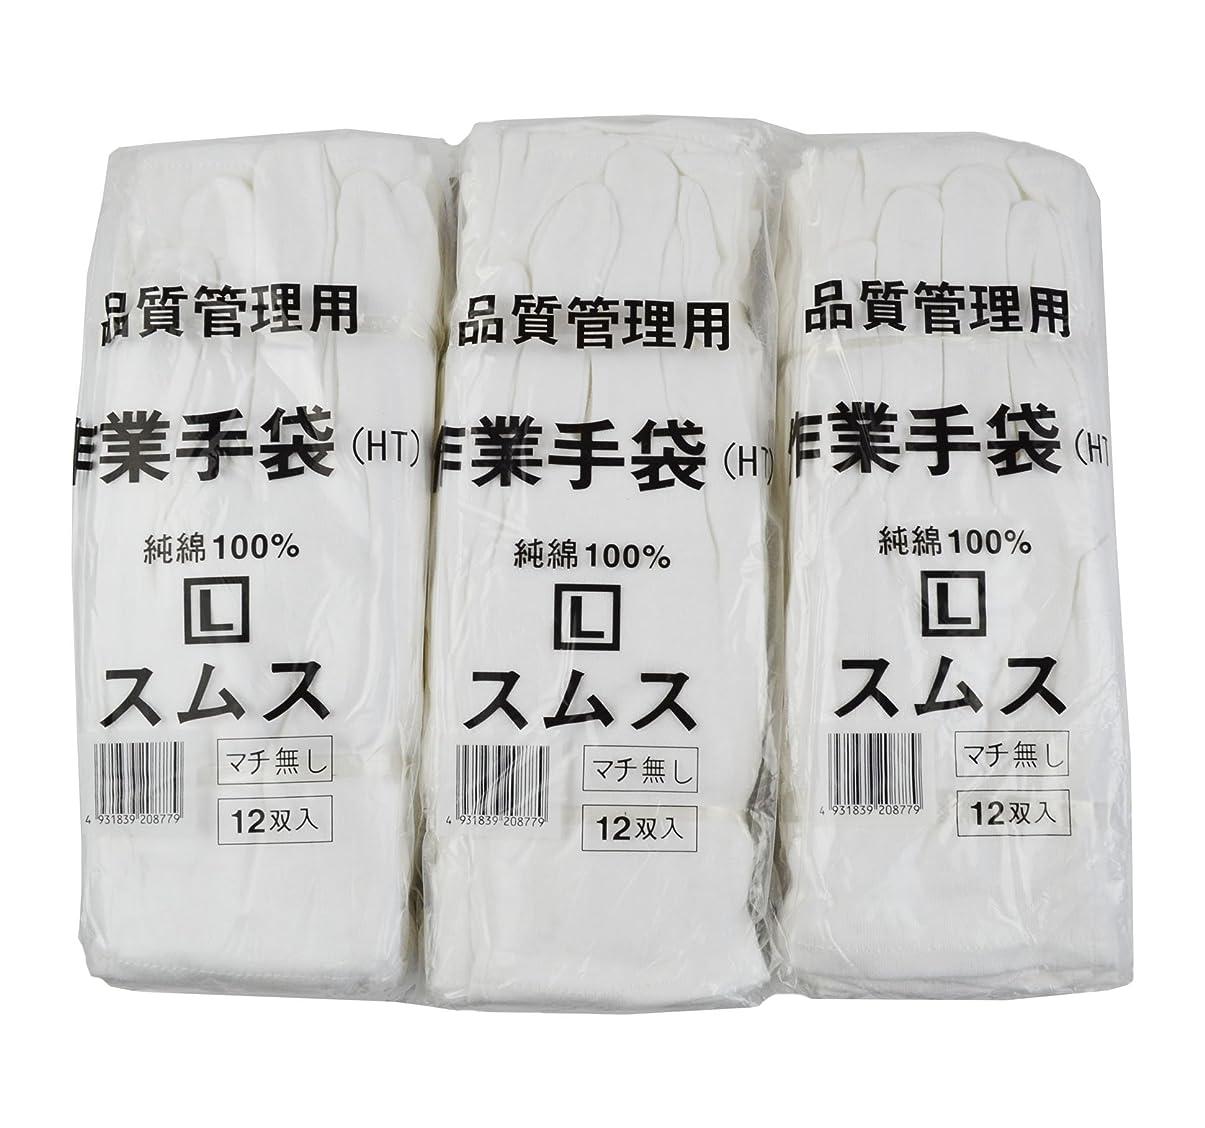 中絶スズメバチワークショップ【お得なセット売り】 純綿100% スムス 手袋 Lサイズ 12双×3袋セット 大人用 多用途 101118